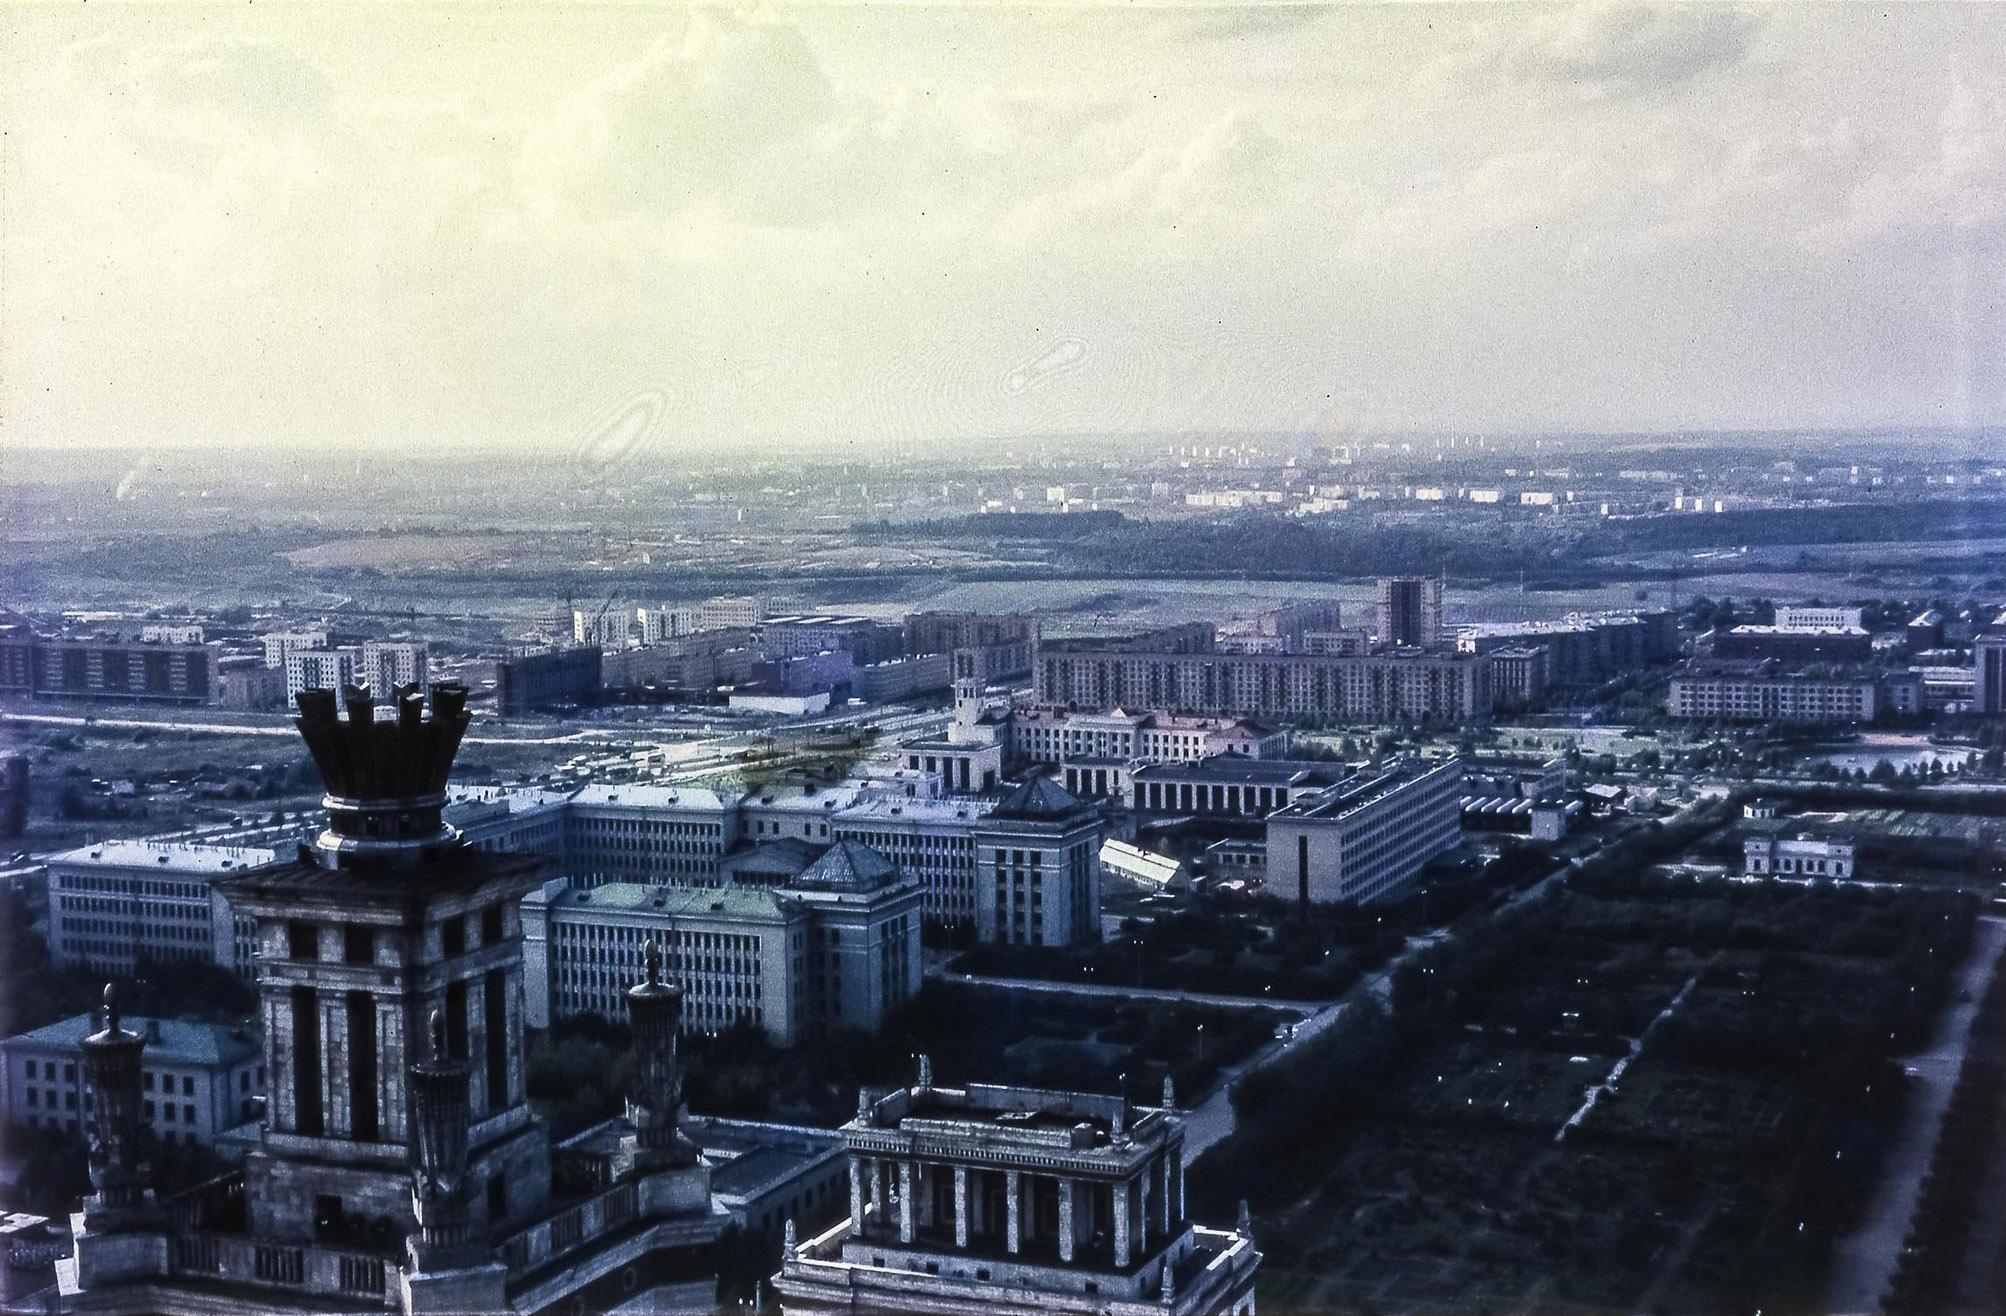 МГУ. Вид на запад с Главного здания МГУ